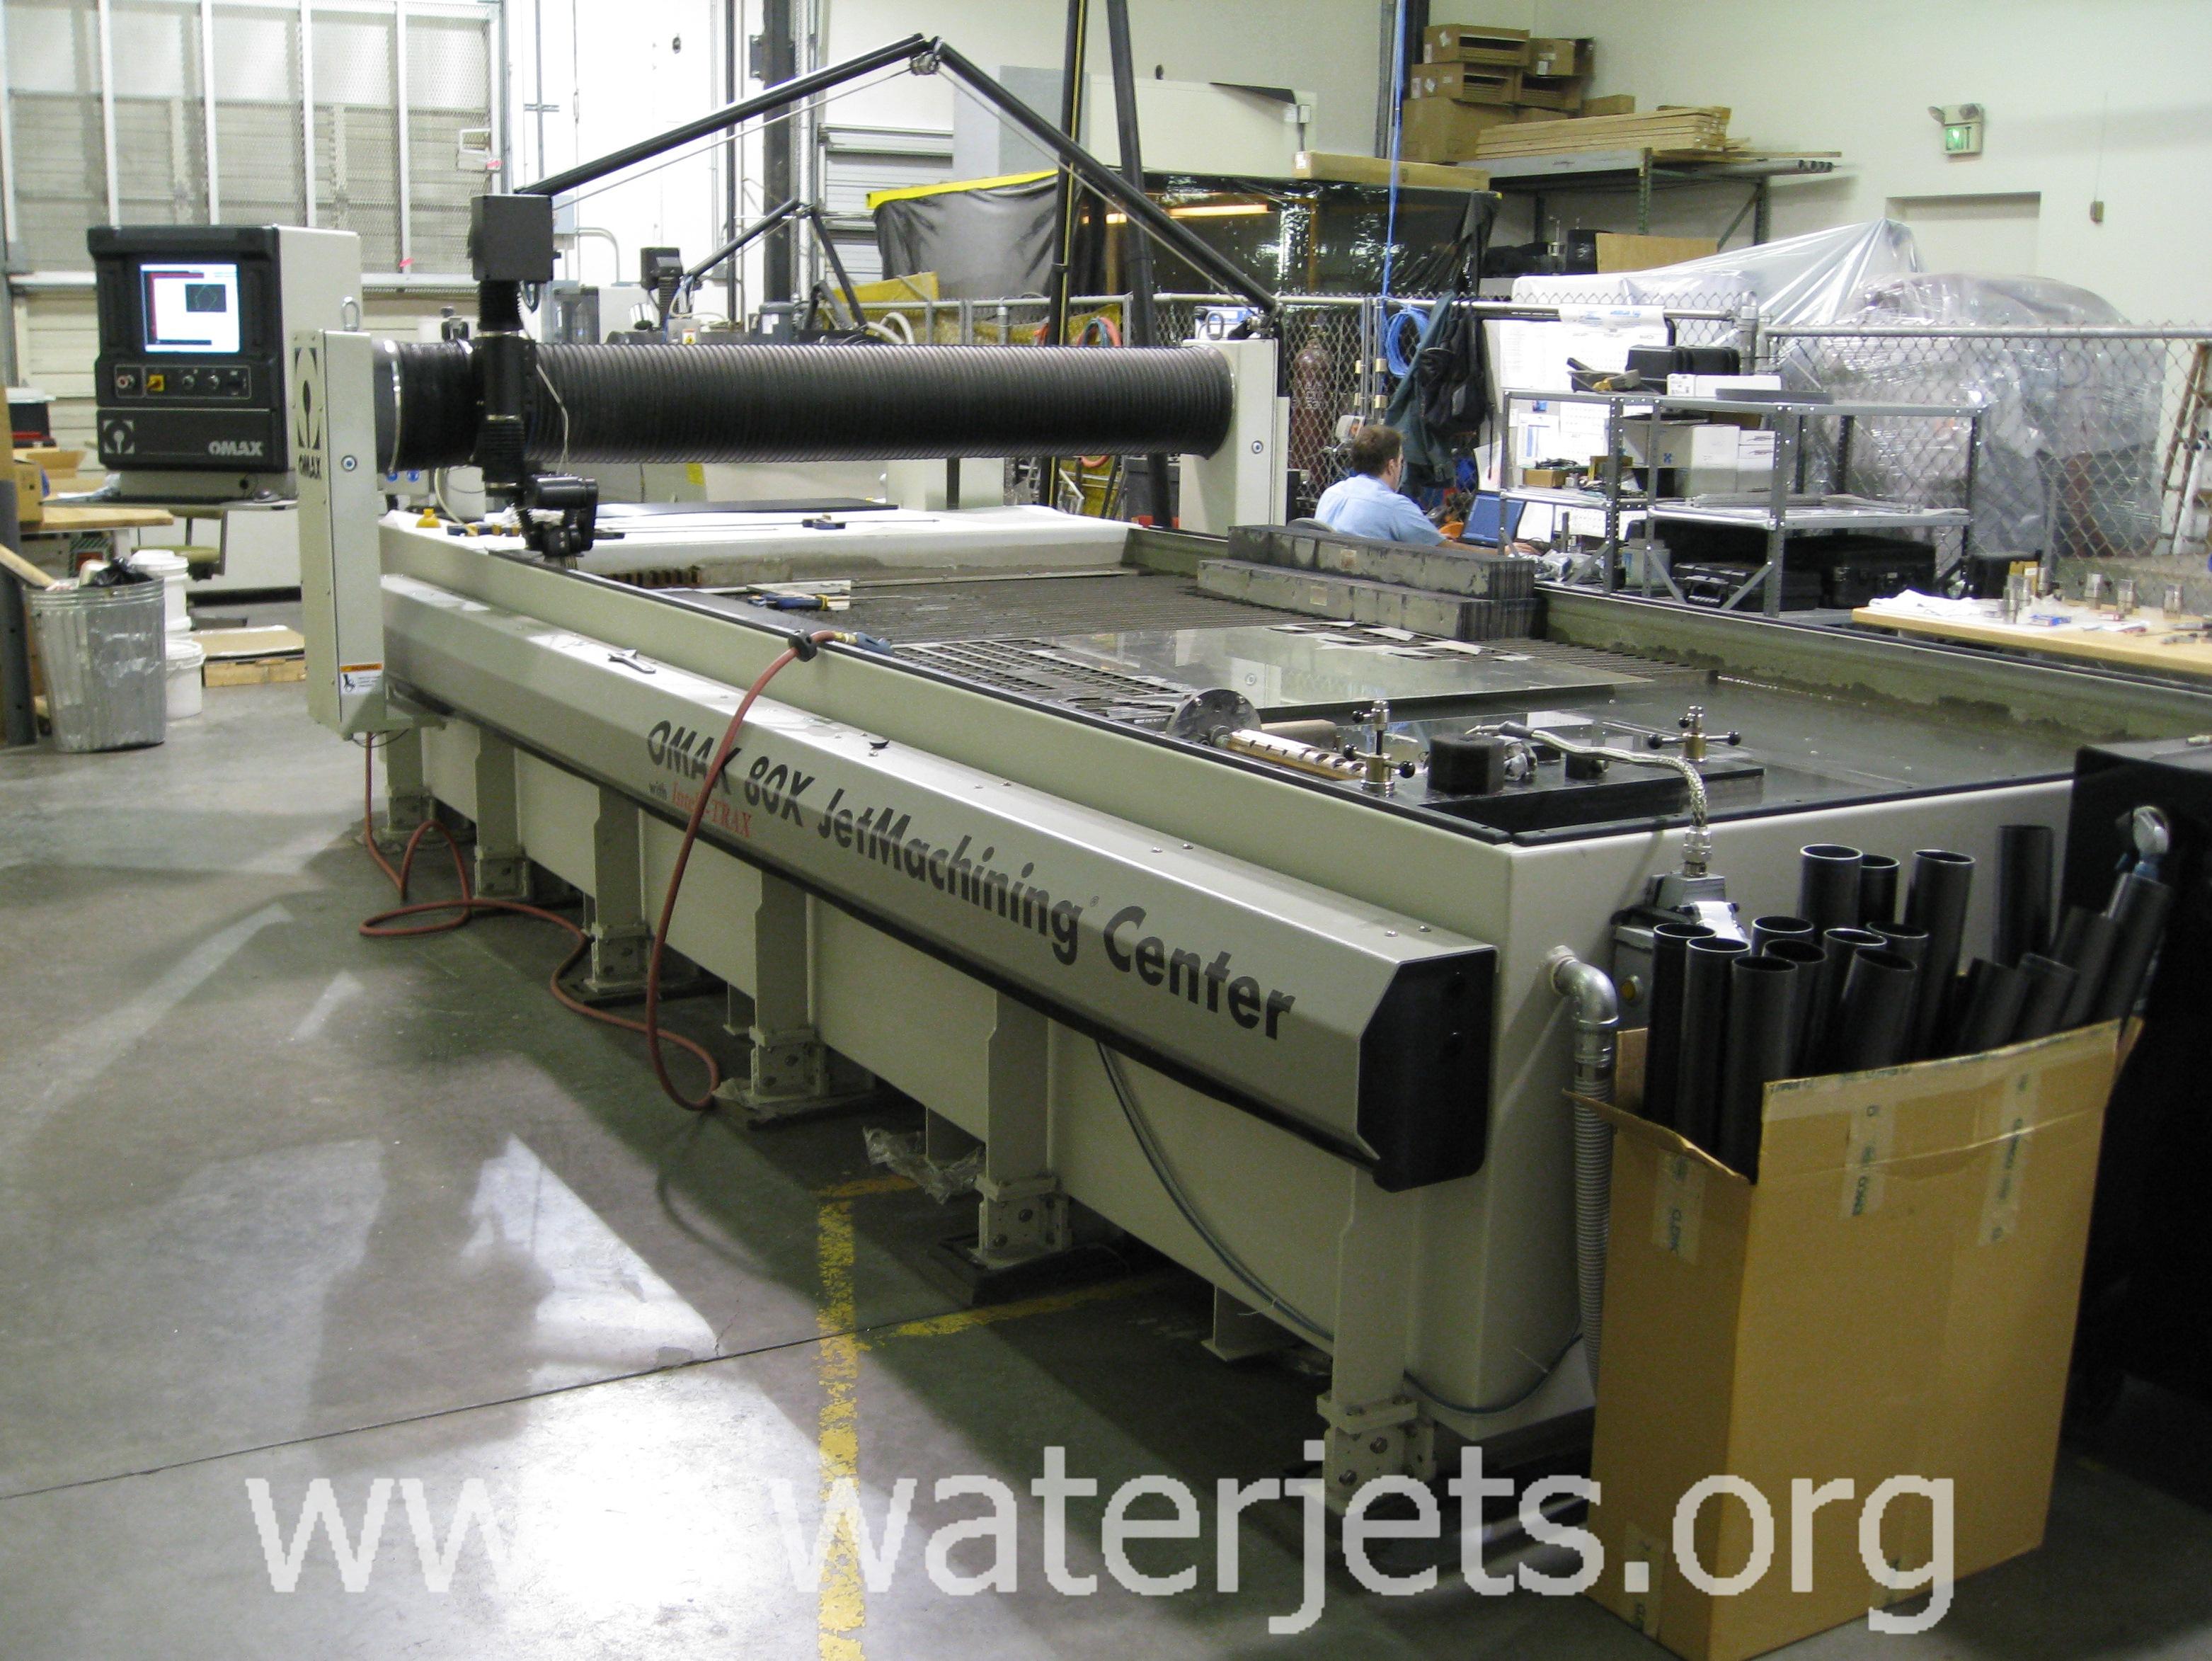 Waterjet machine sizes – Waterjets org